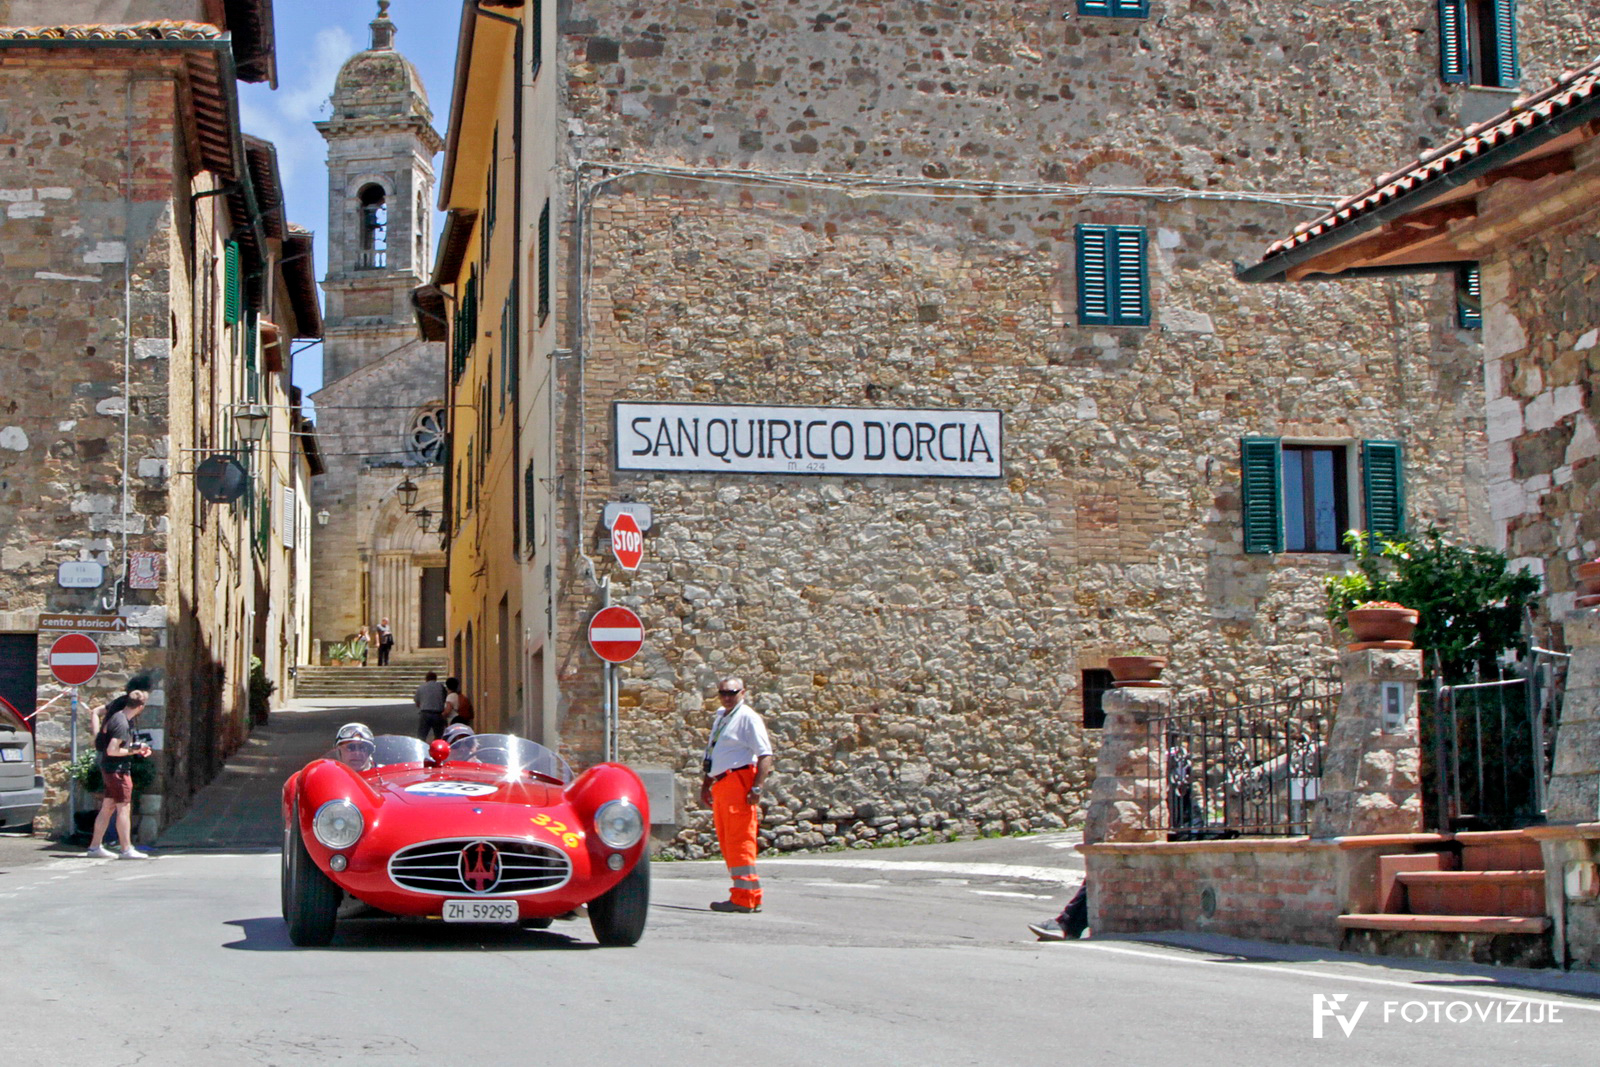 Mille Miglia 2018: Čudoviti maserati A6 GCS 53 Fantuzzi zapušča kraj, kjer stoji spomenik Taziu Nuvolariju, v spomin na njegovo zmago leta 1930